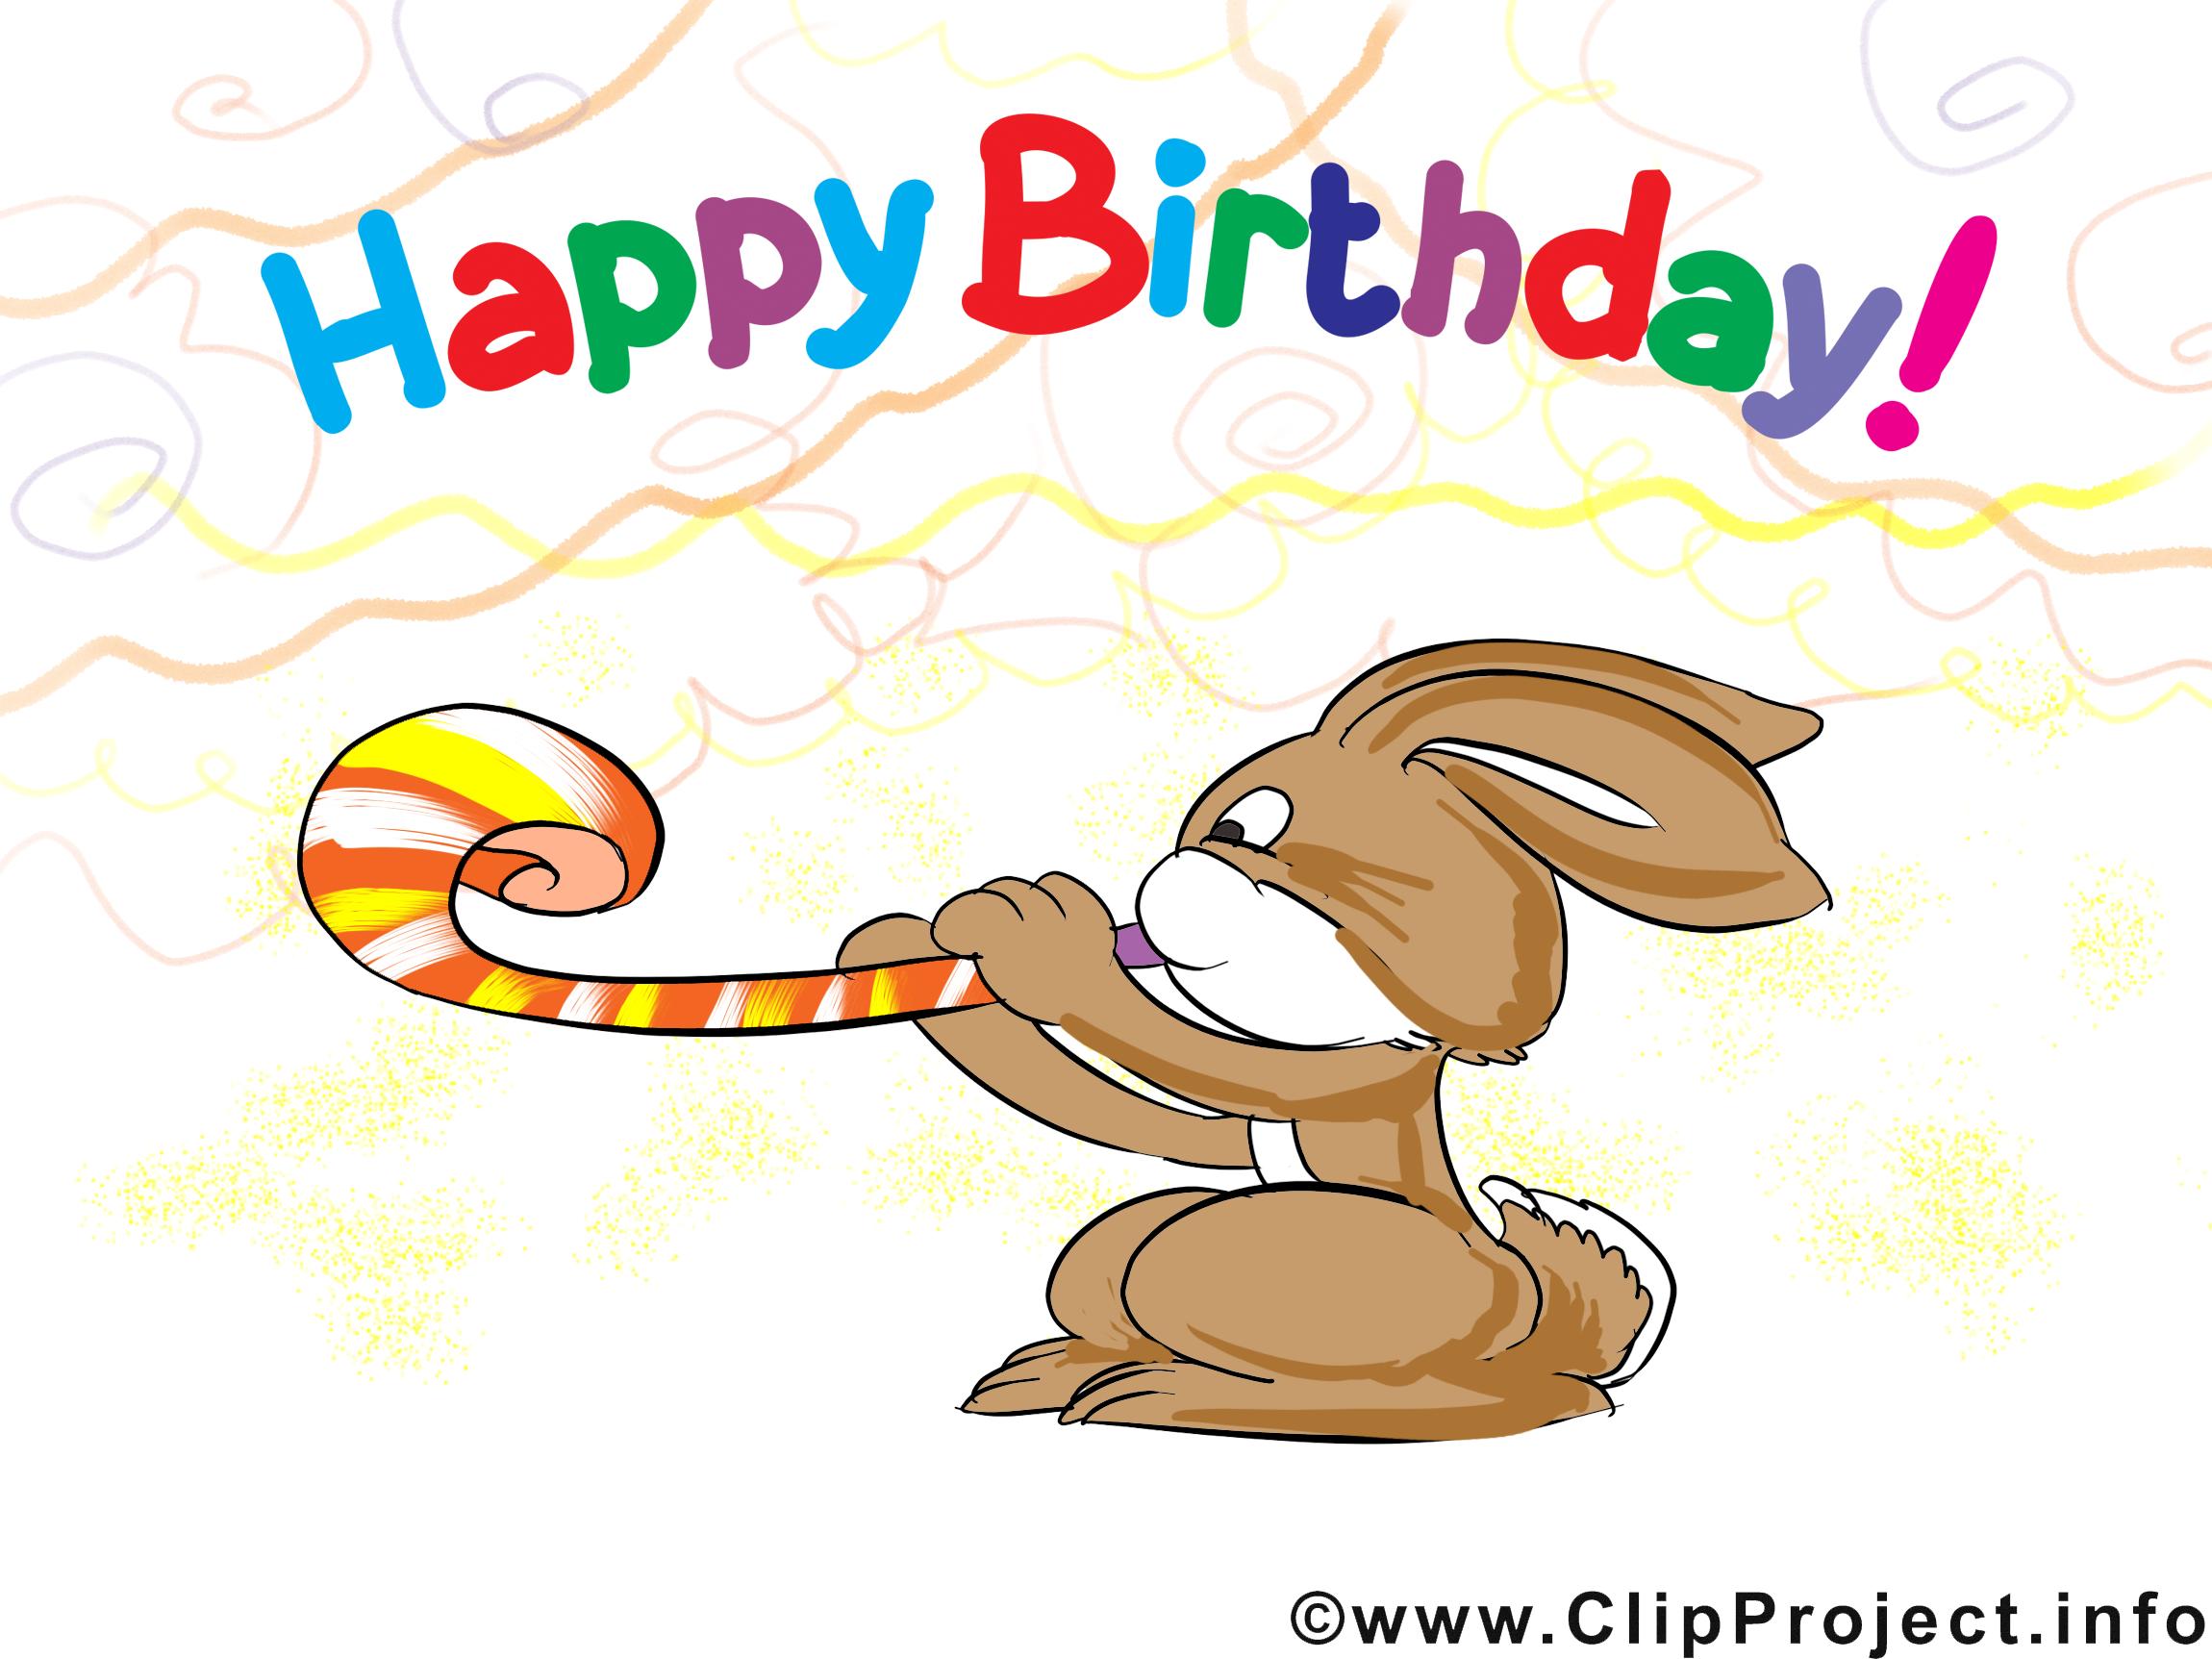 Lapin dessins gratuits anniversaire clipart cartes - Clipart anniversaire gratuit ...